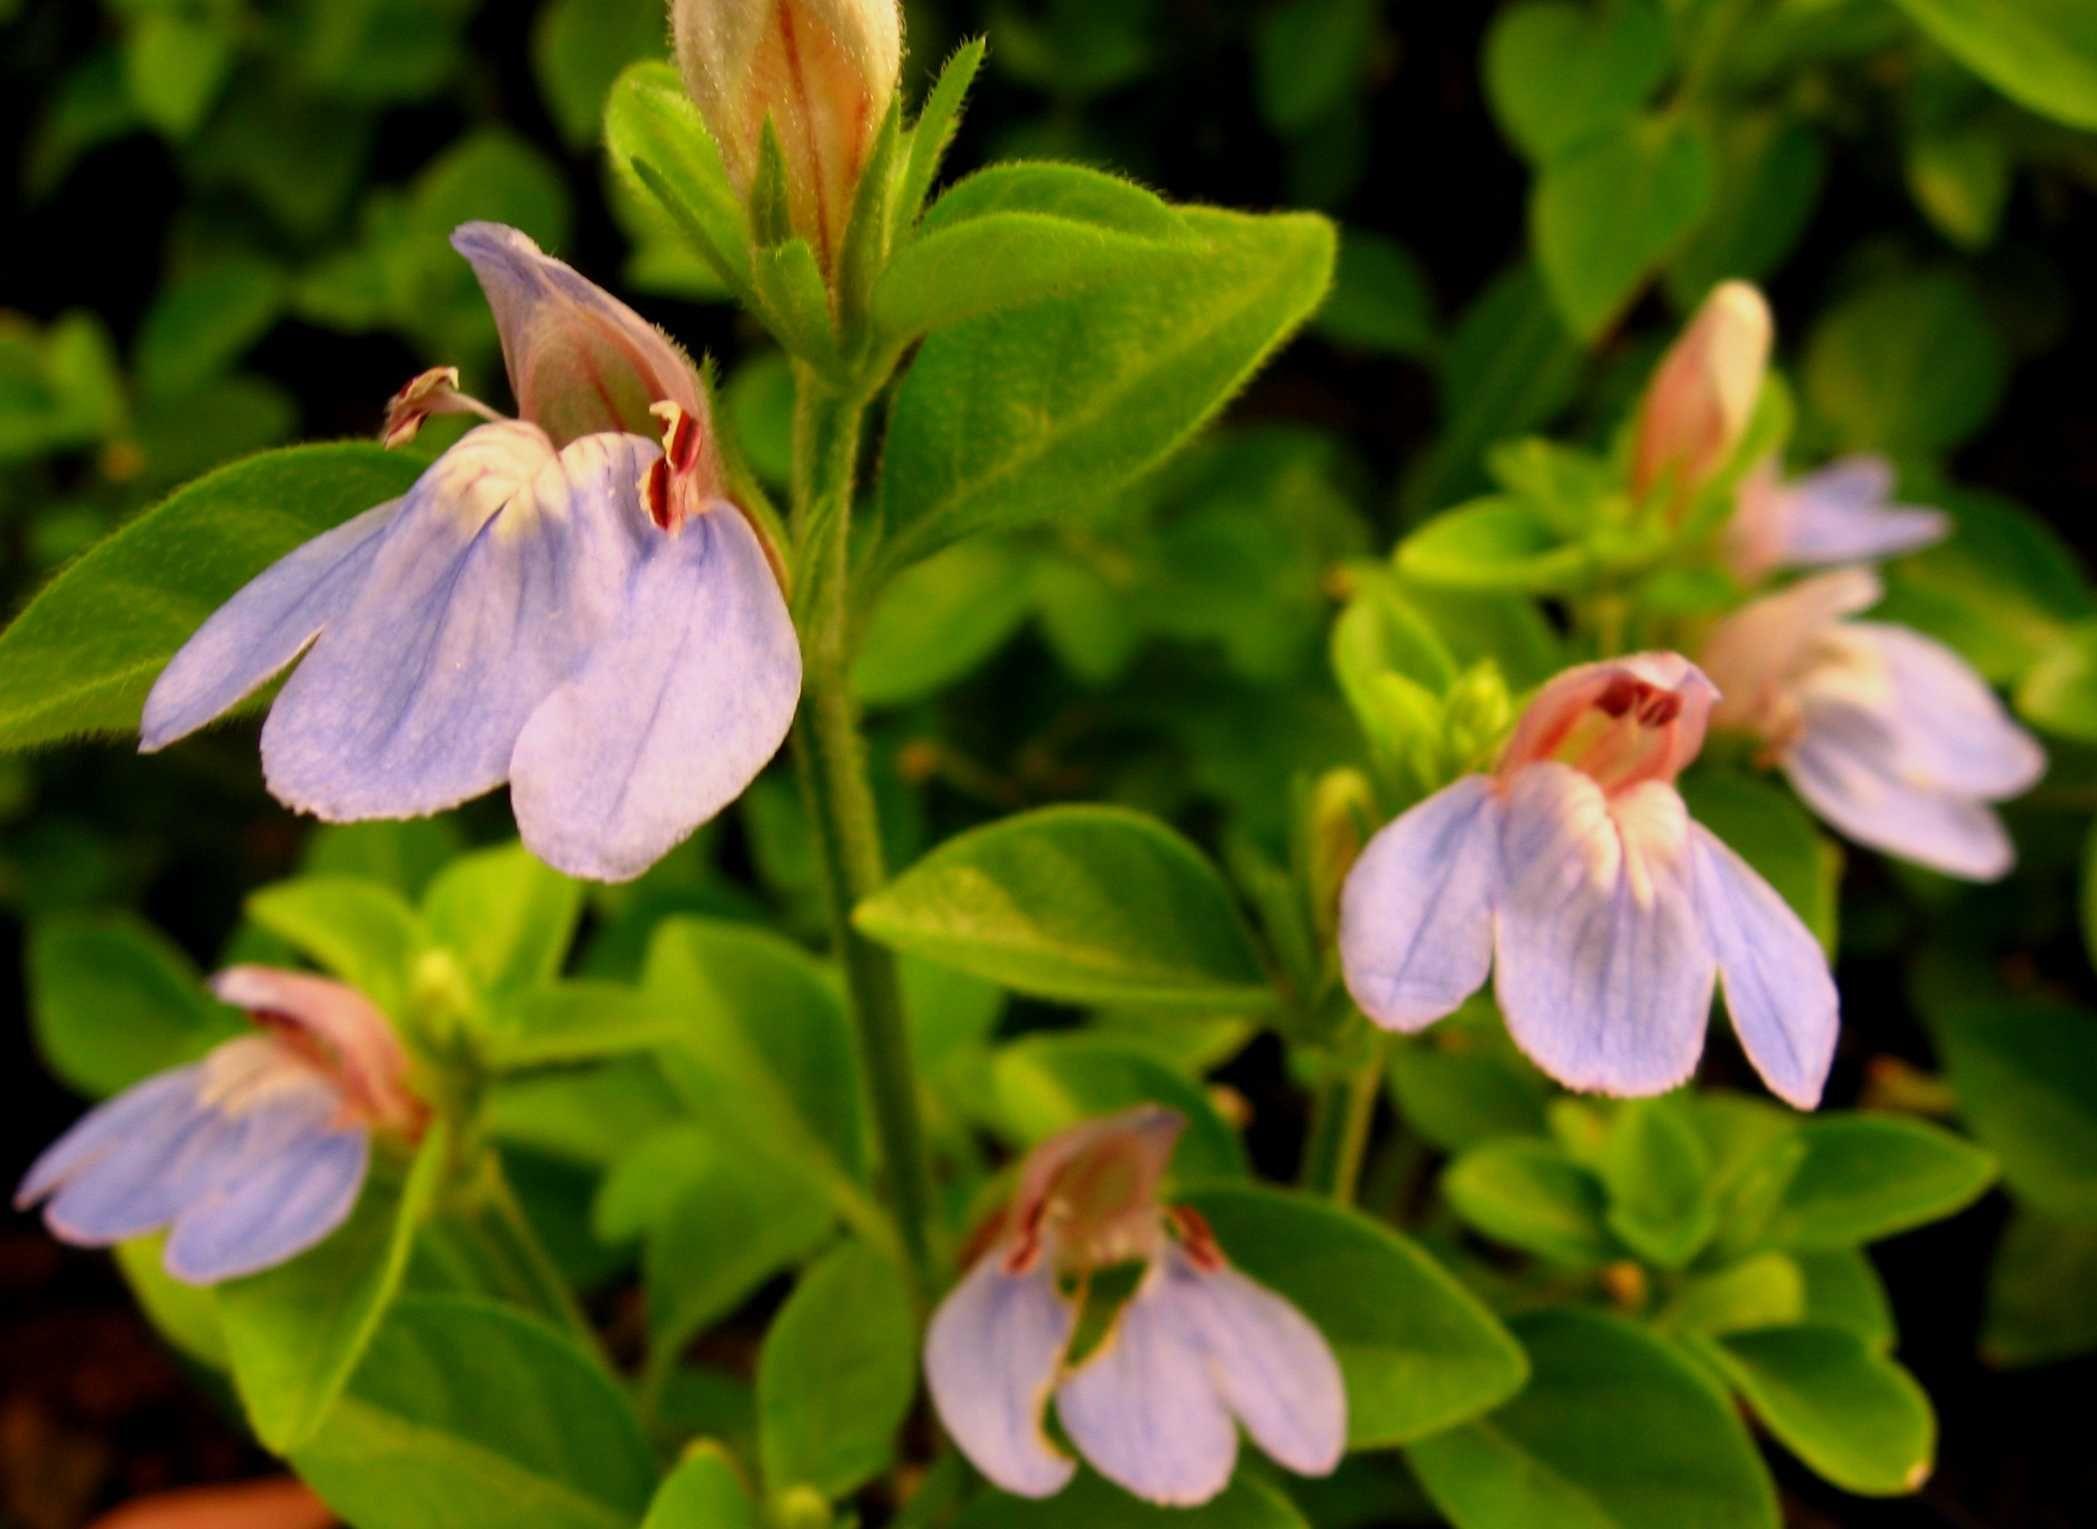 Justicia capensis